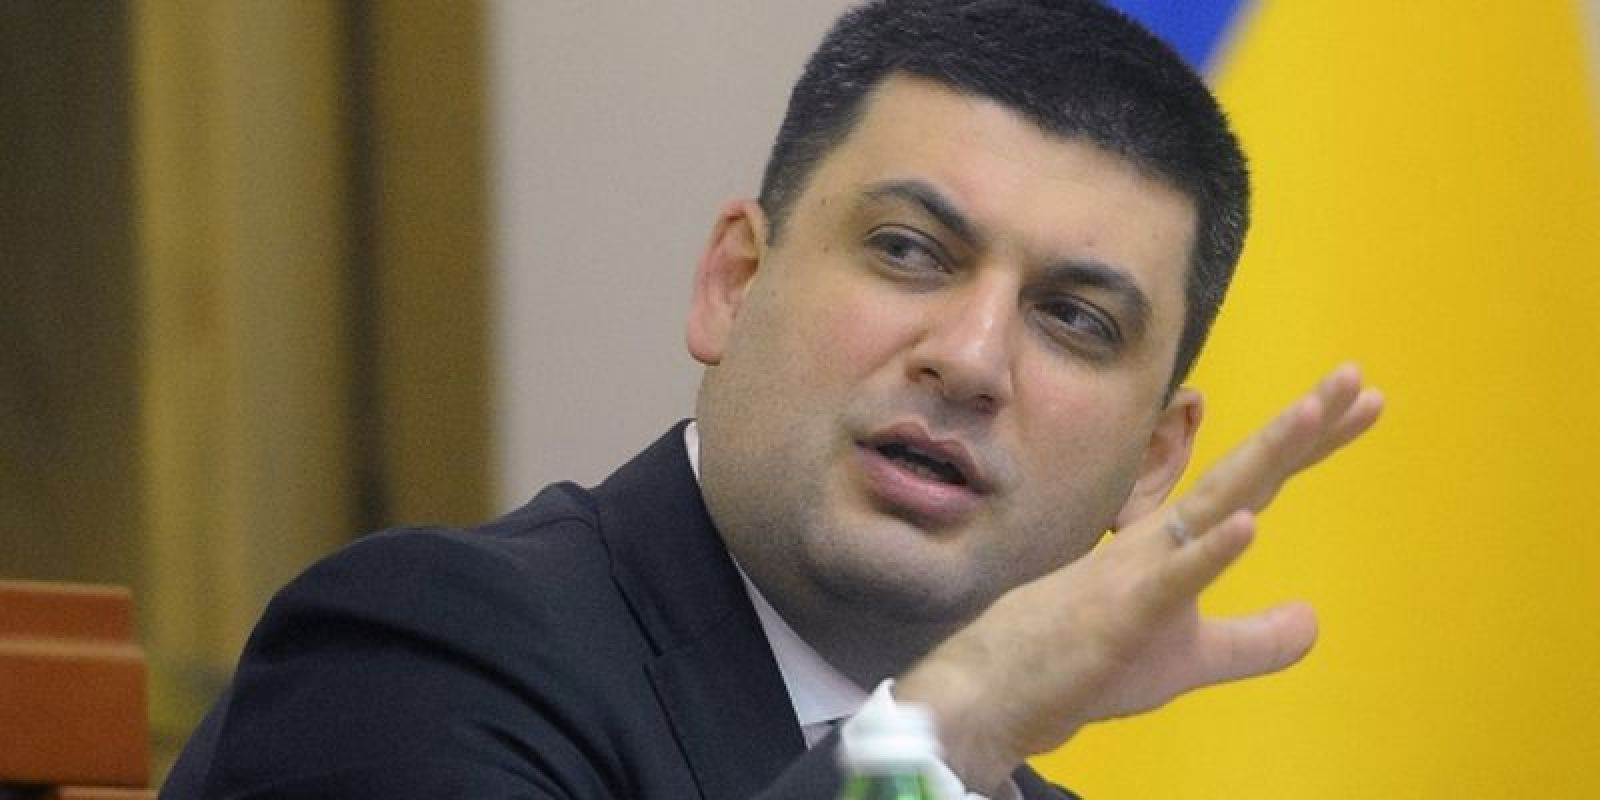 Гройсман объявил обсуждение плана действий правительства до 2020 года